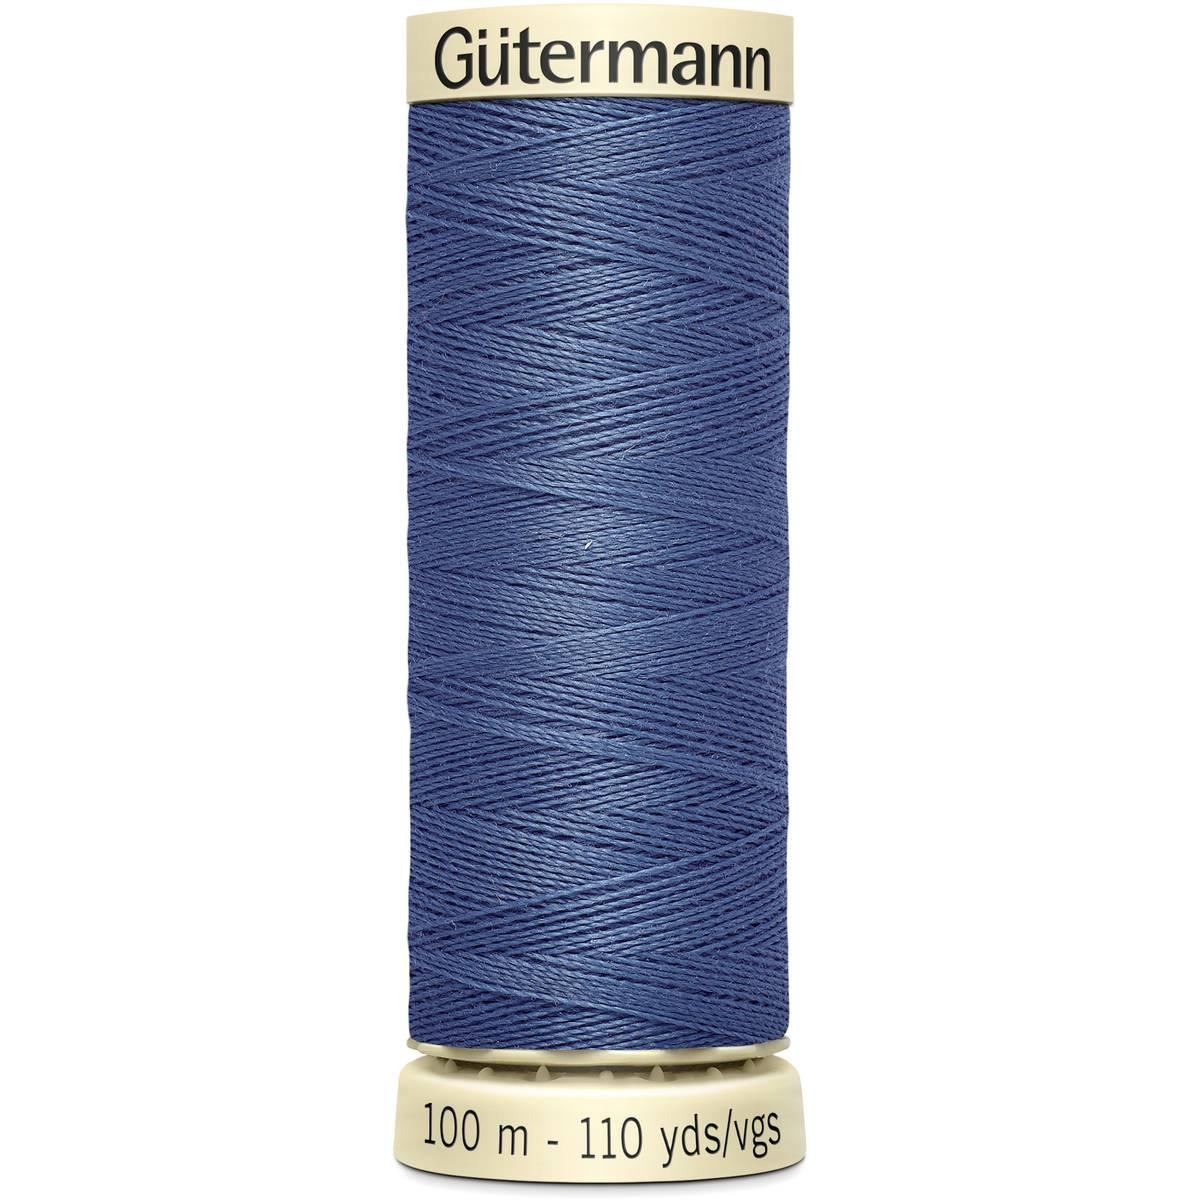 חוט תפירה גוטרמן - Blue 112